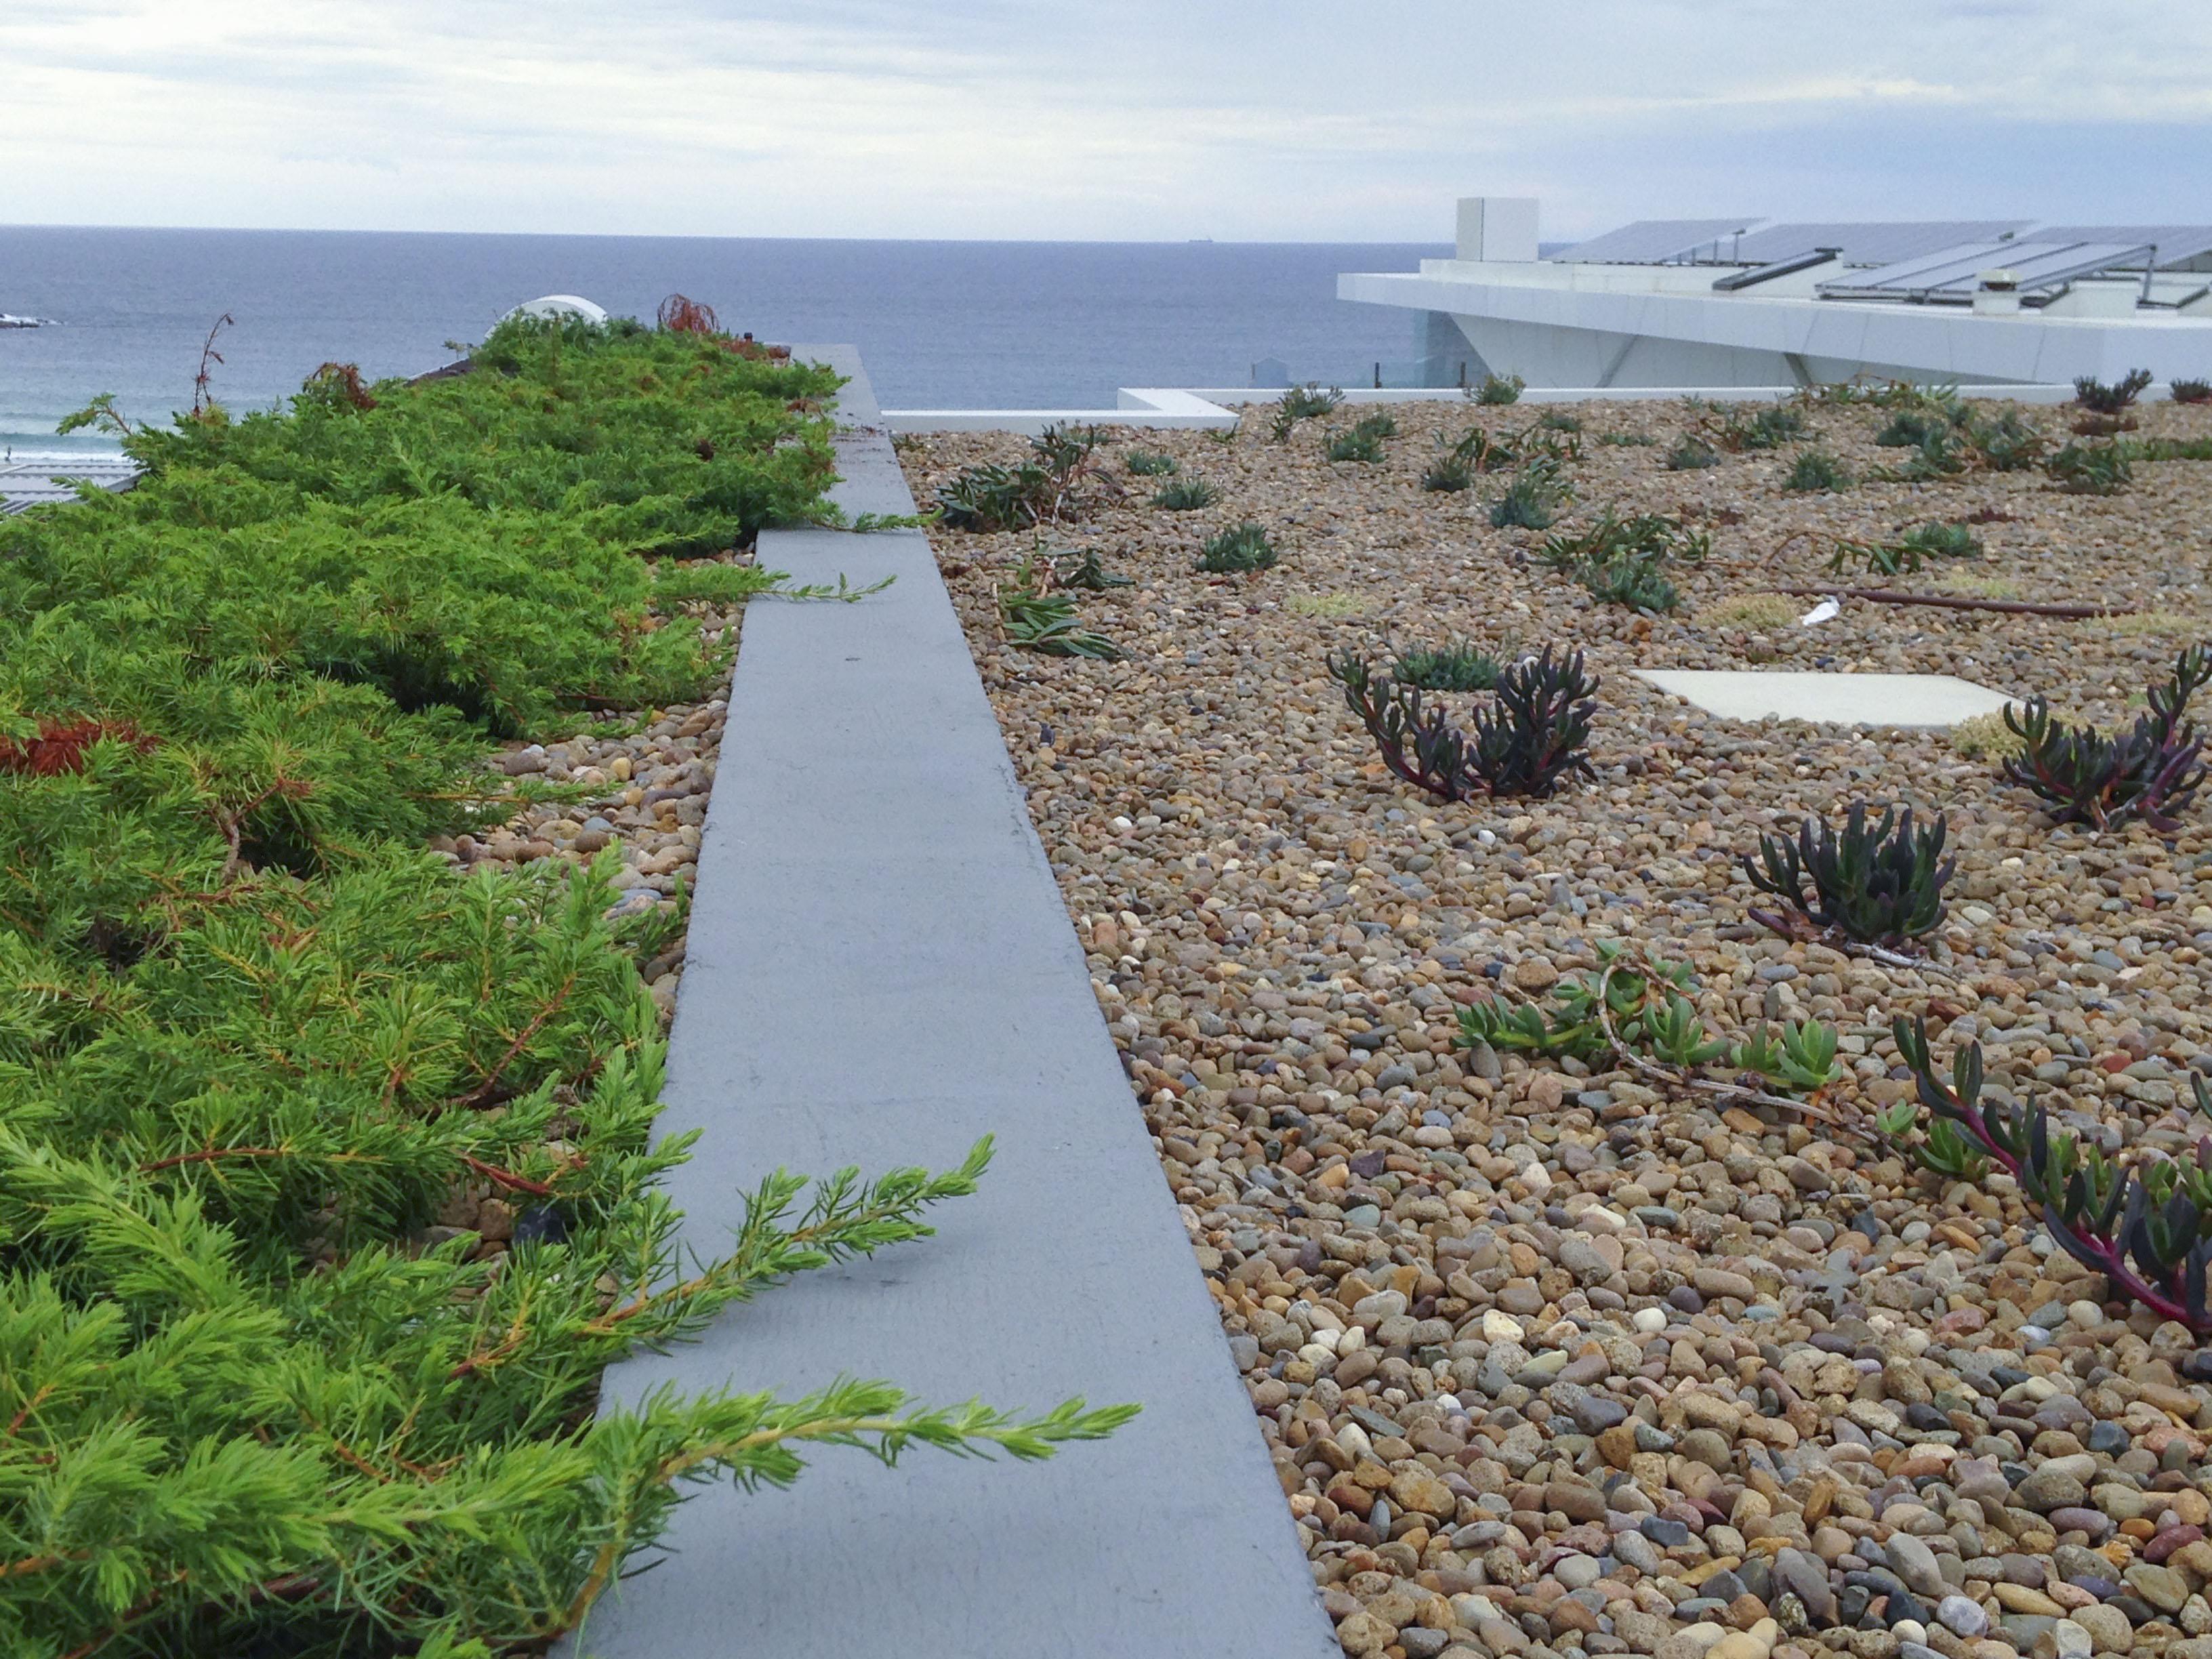 Bondi Beach Roof Garden - Green Roof